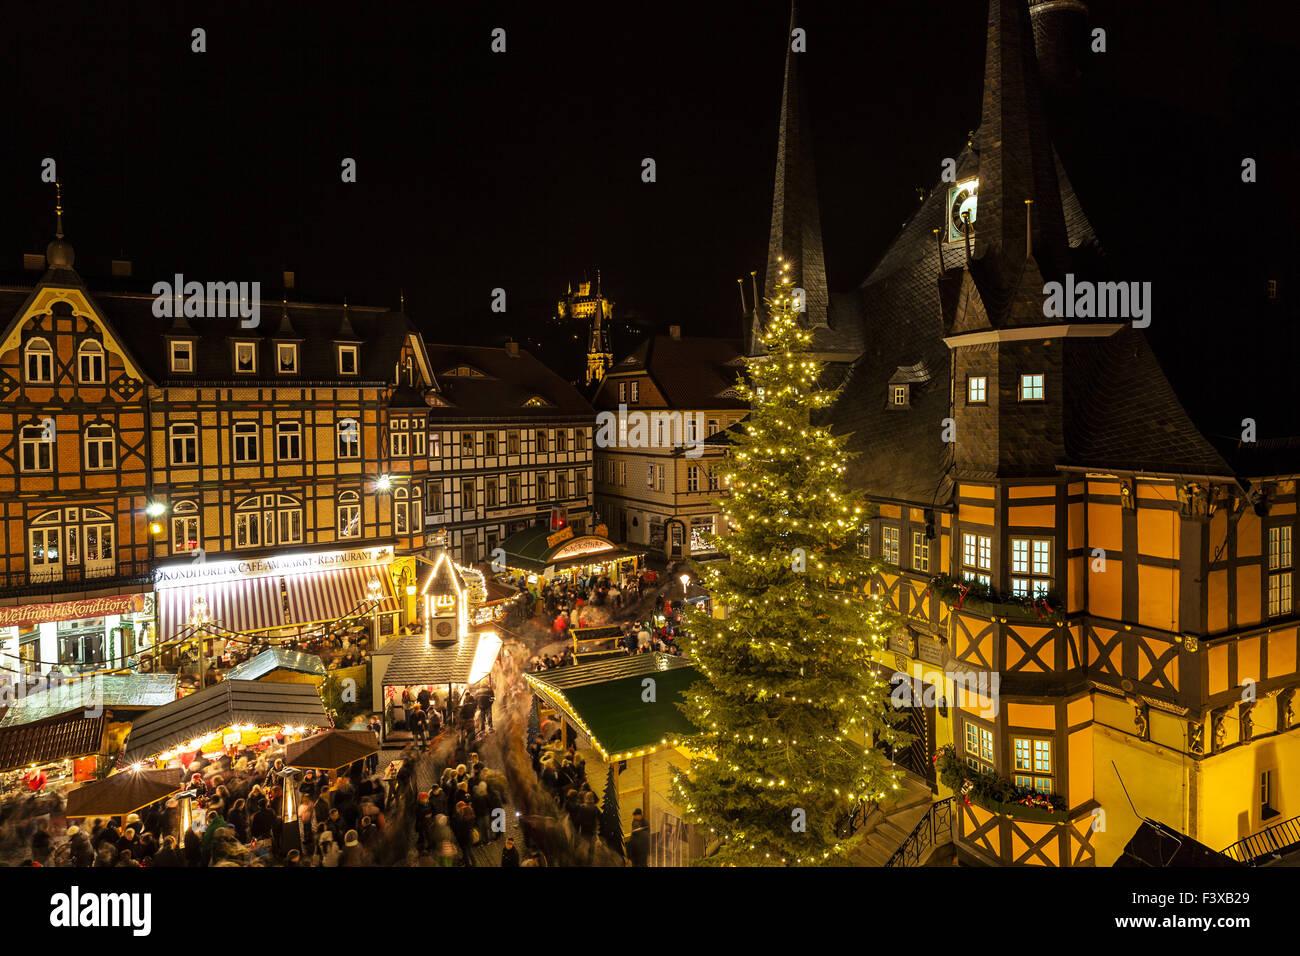 Weihnachtsmarkt in Deutschland Stockbild